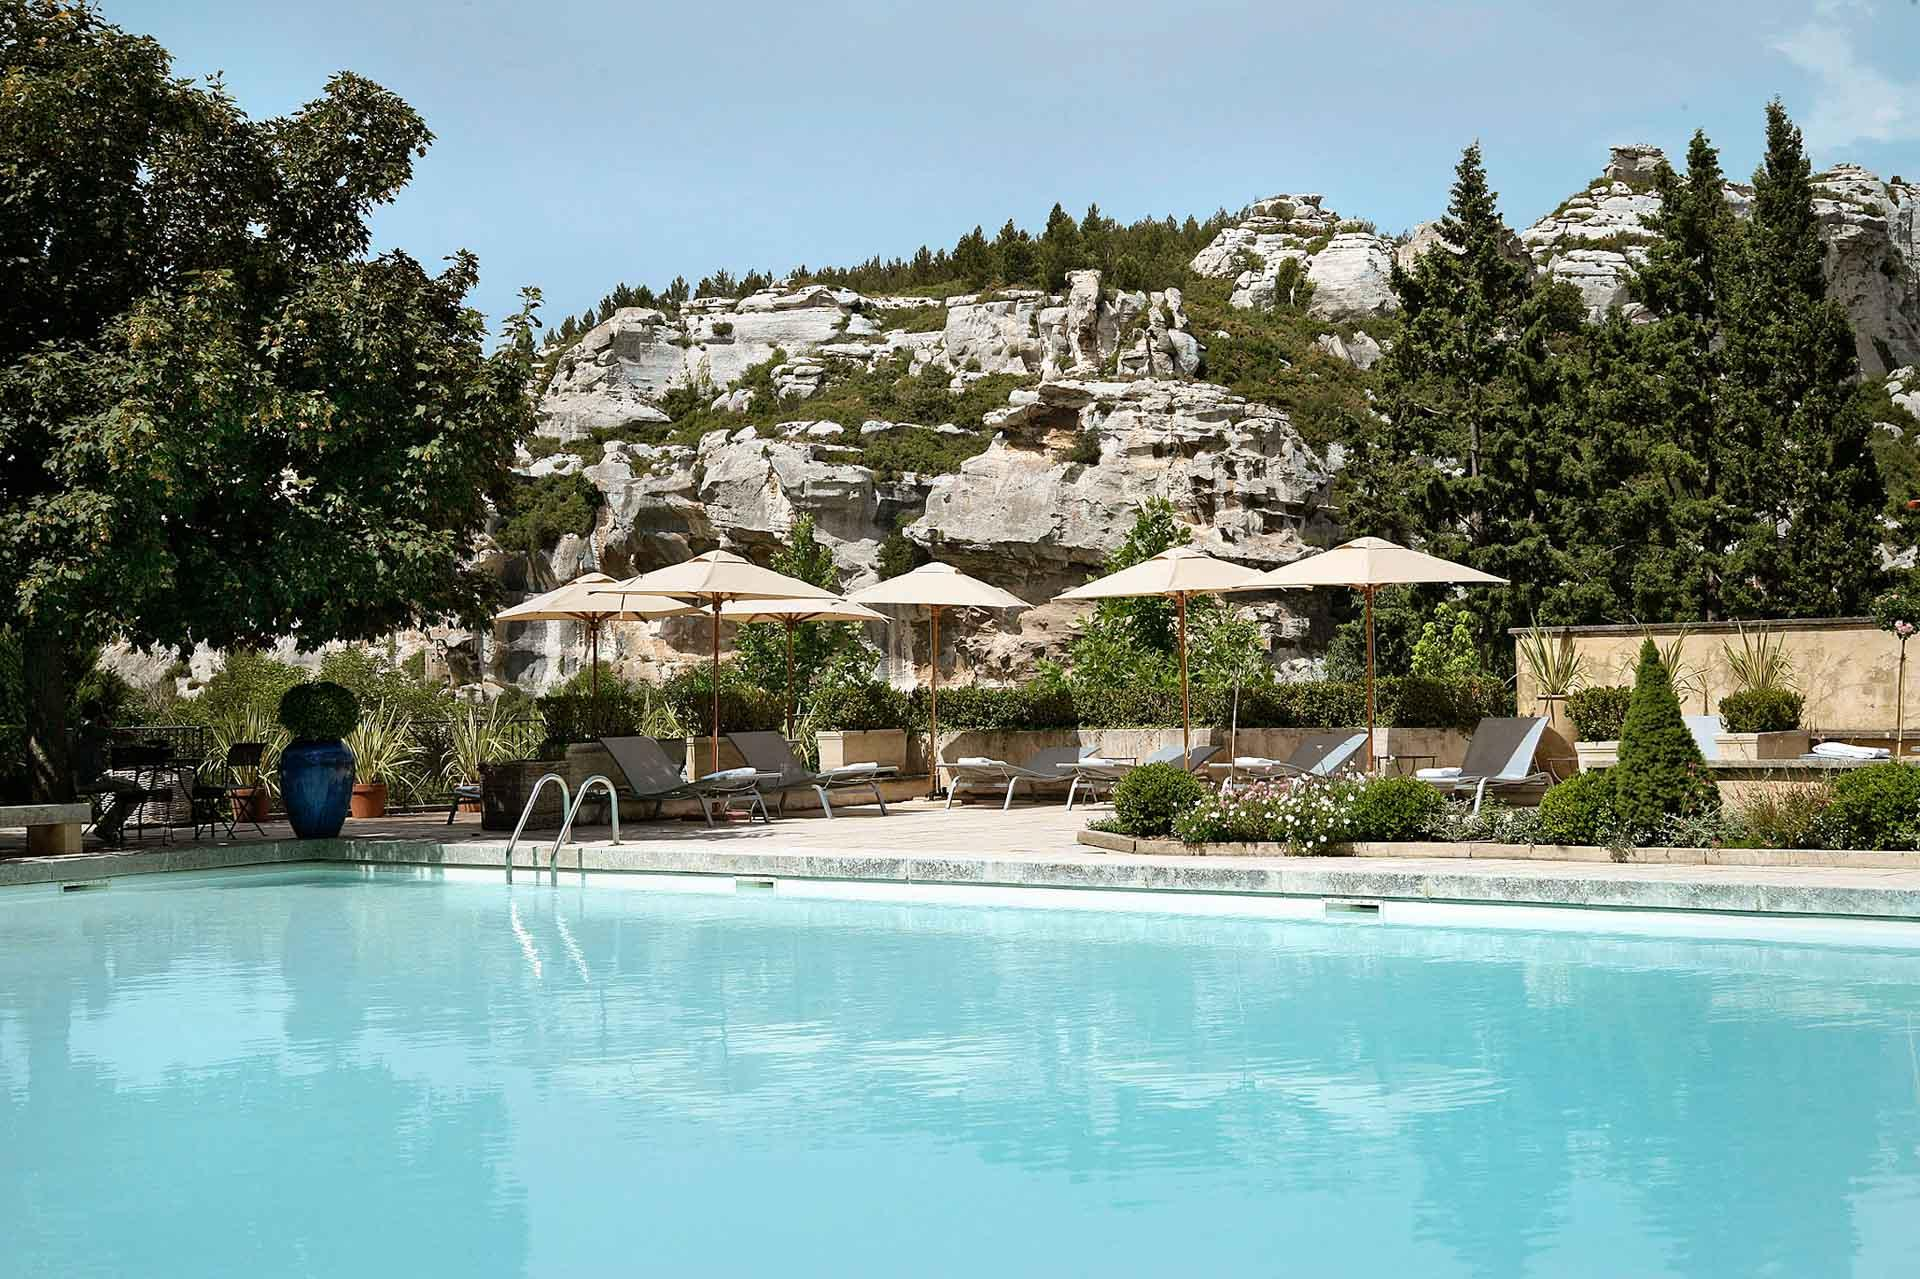 La piscine de Baumanière, entourée des roches suggestives des Alpilles © L. Parrault